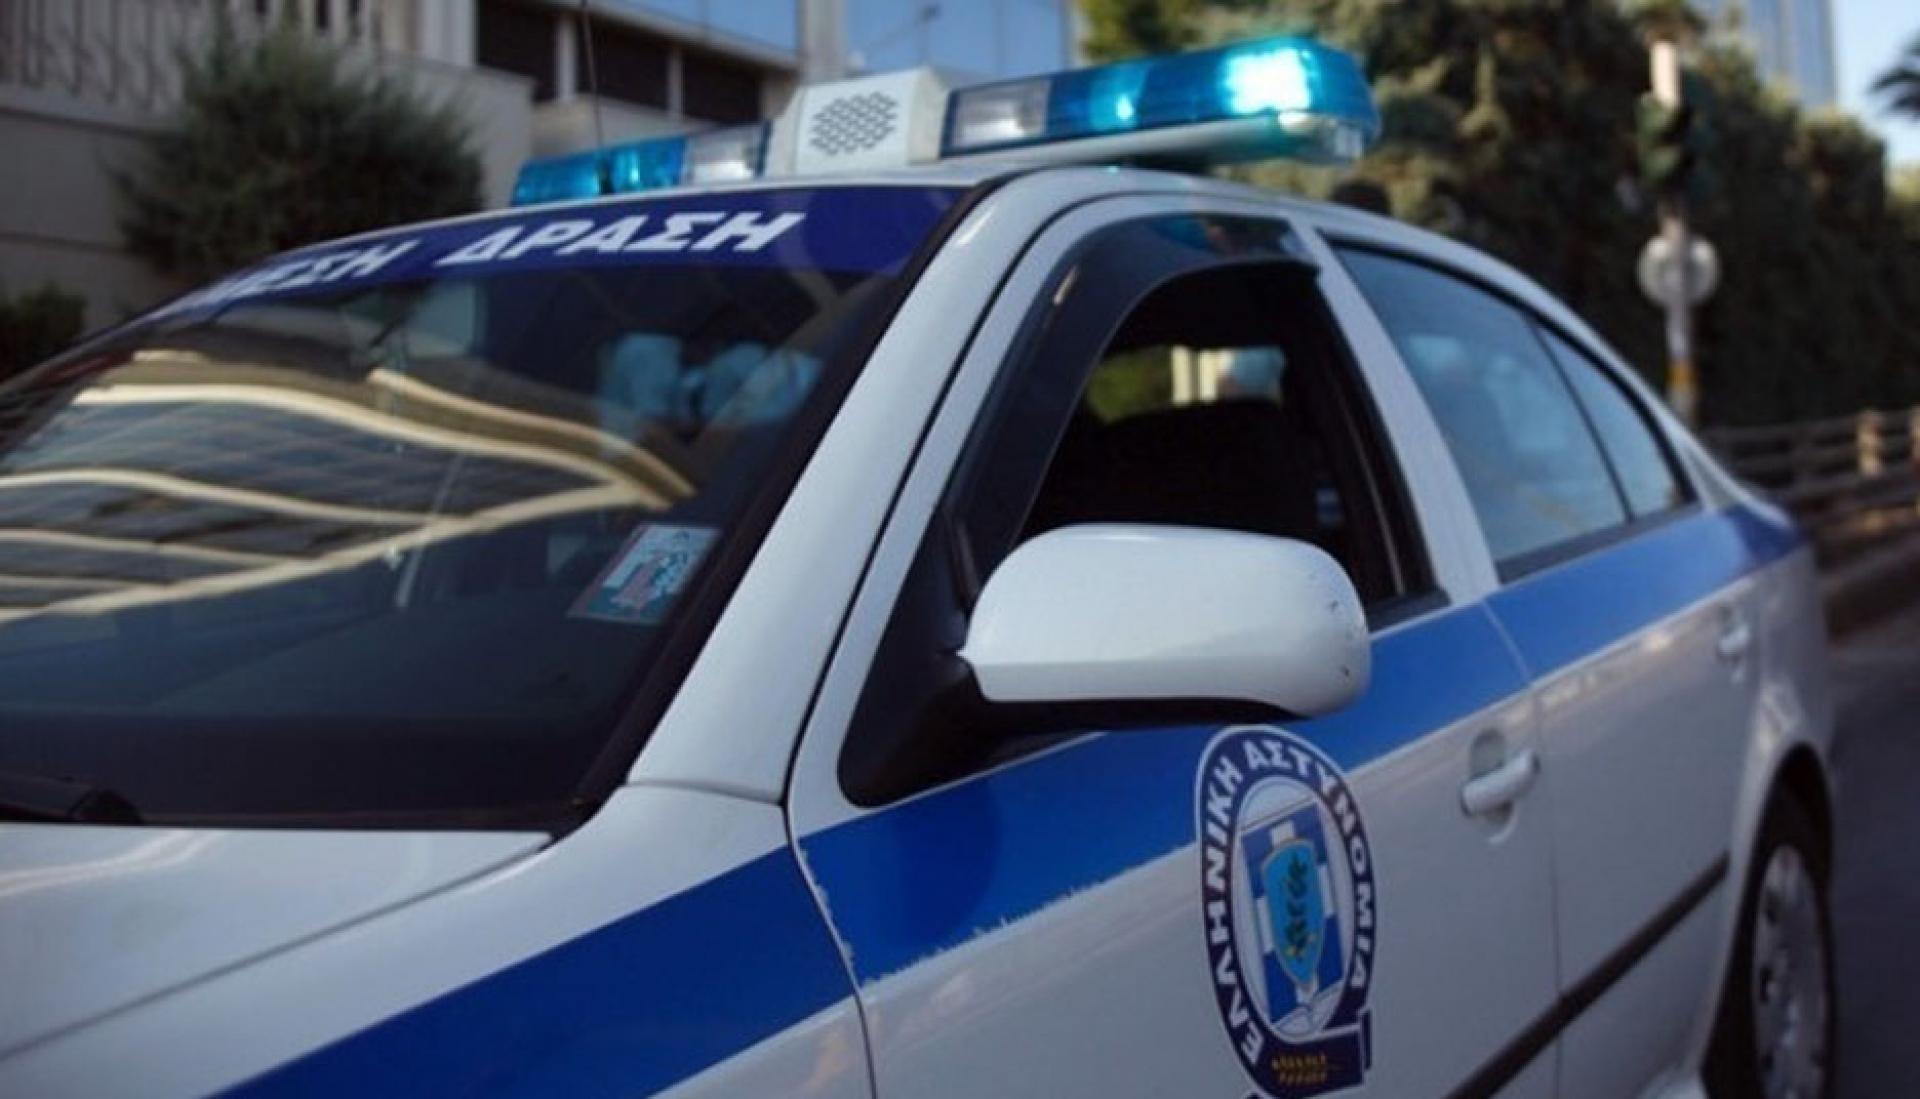 Κρήτη – Έβγαλε μαχαίρι και τον τραυμάτισε για τα μάτια μιας γυναίκας – Δύο συλλήψεις